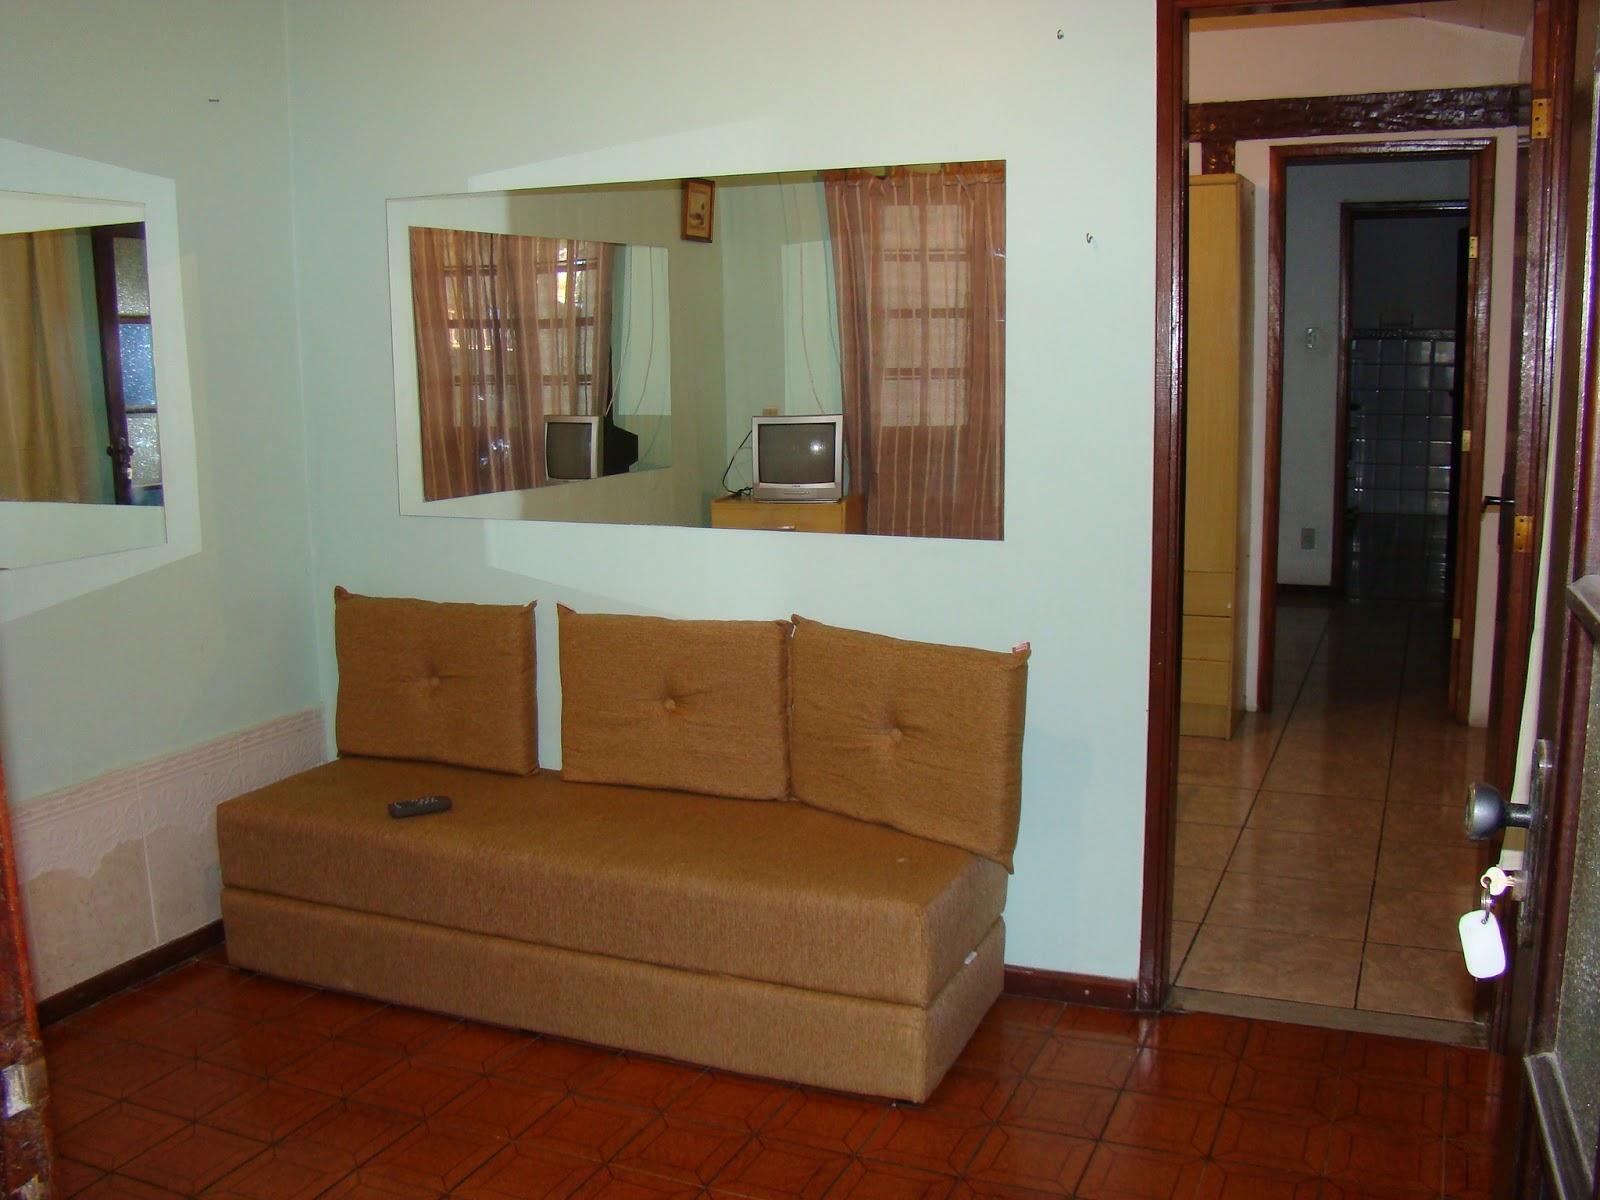 #683C1D Aluguel de Temporada em Cabo Frio: Casas de 2 quartos 1600x1200 px um banheiro para dois quartos